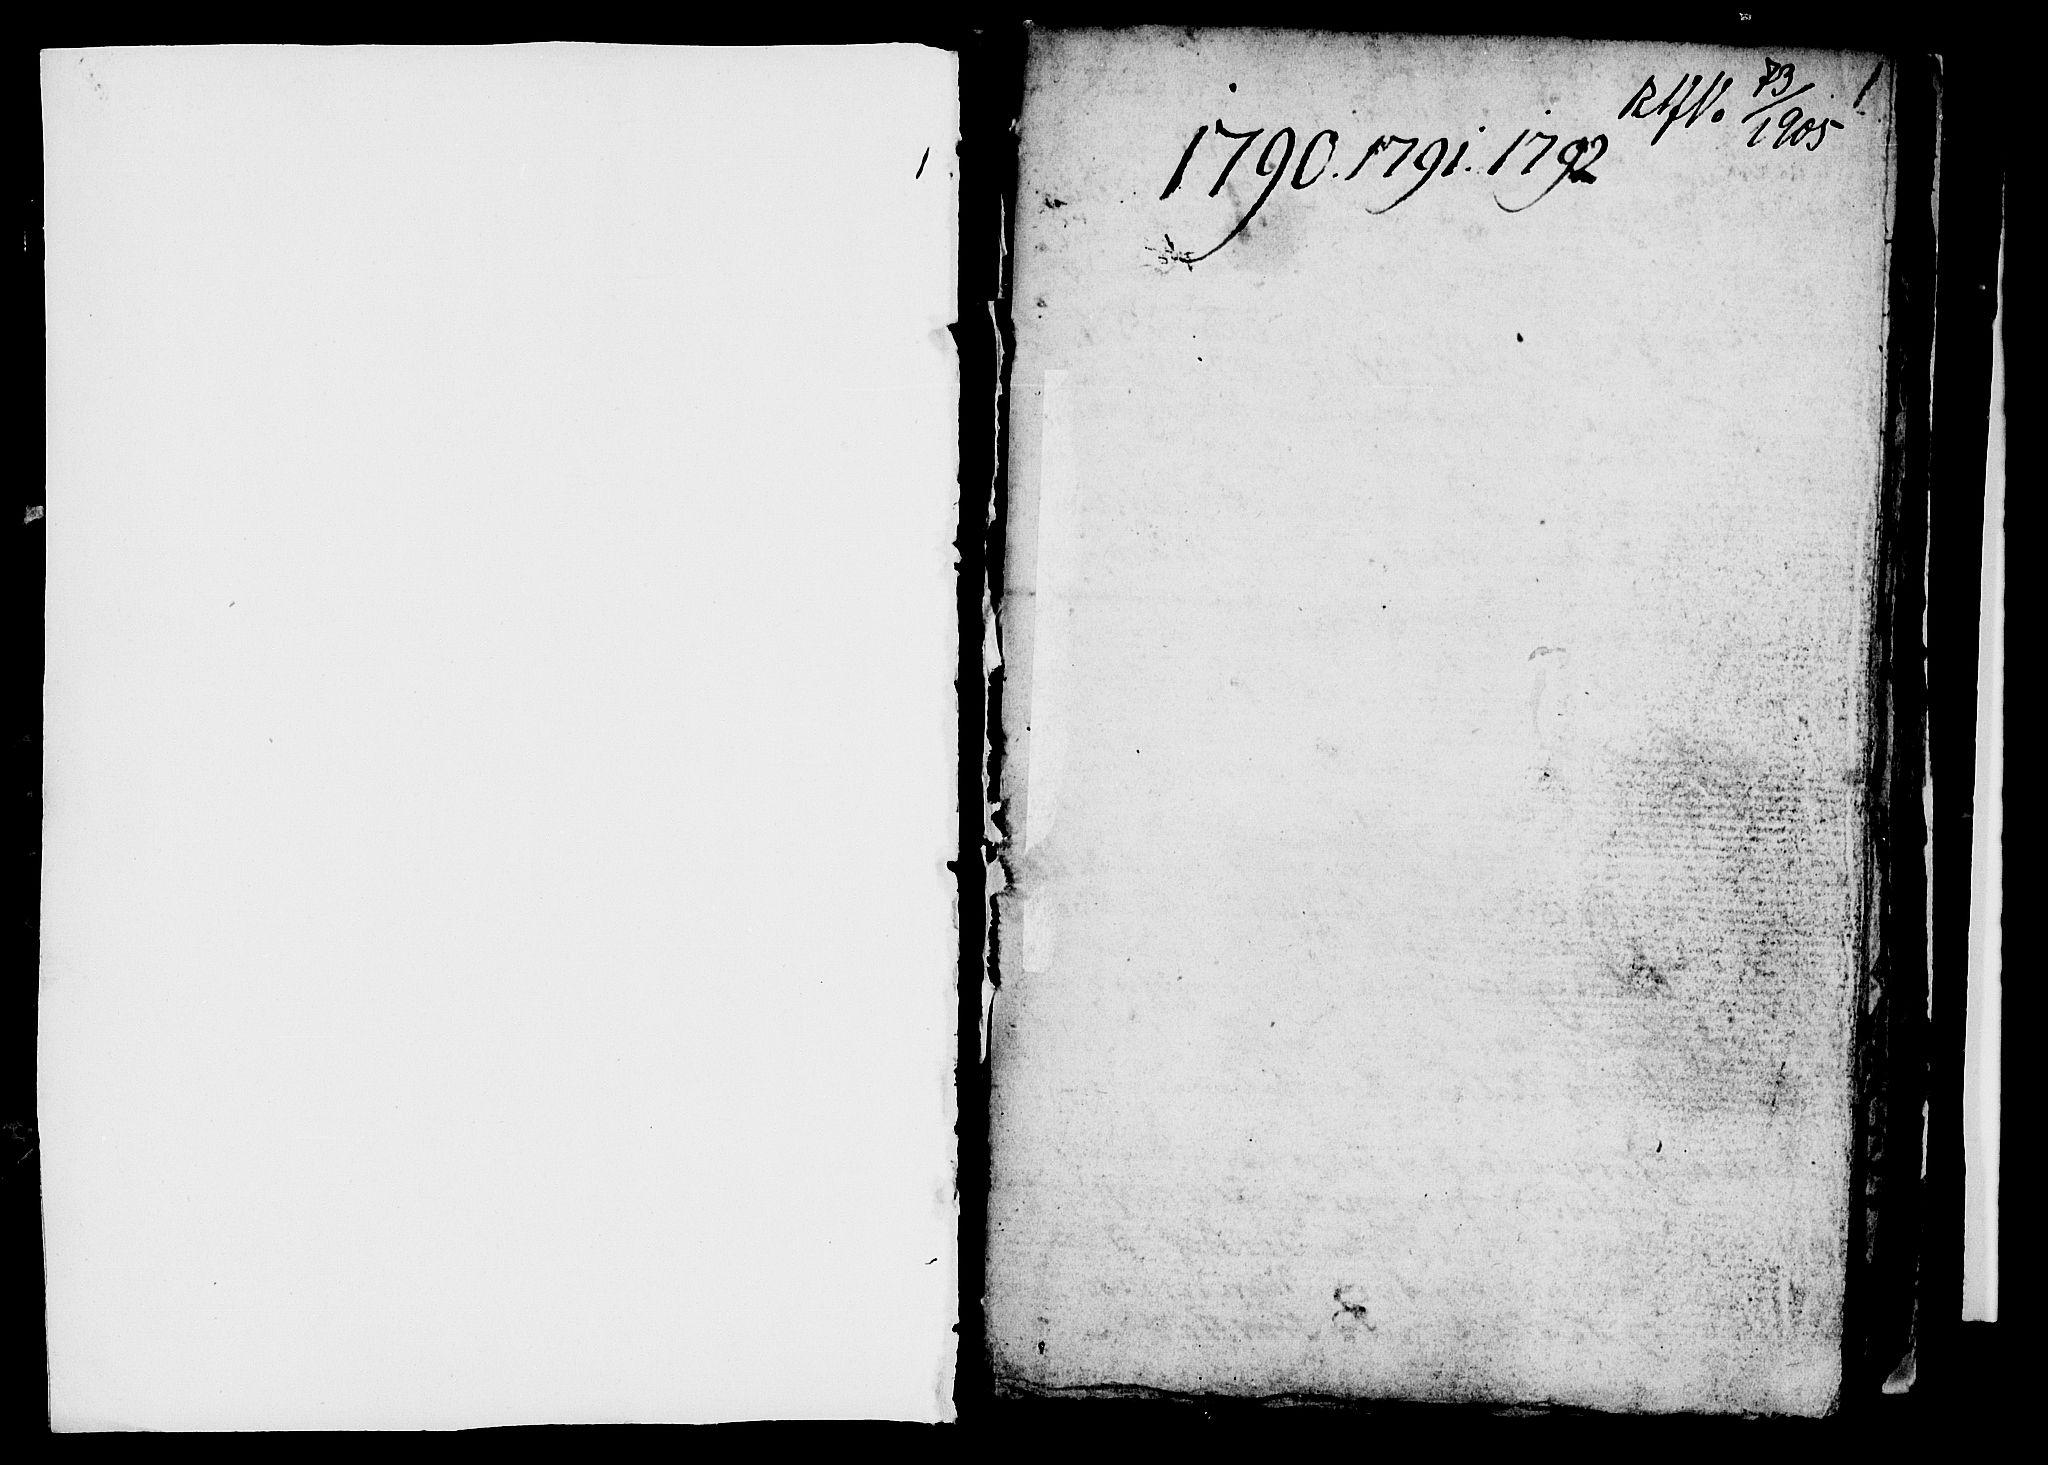 SAH, Ringsaker prestekontor, I/Ia/L0005/0005: Kladd til kirkebok nr. 1E, 1790-1792, s. 0-1